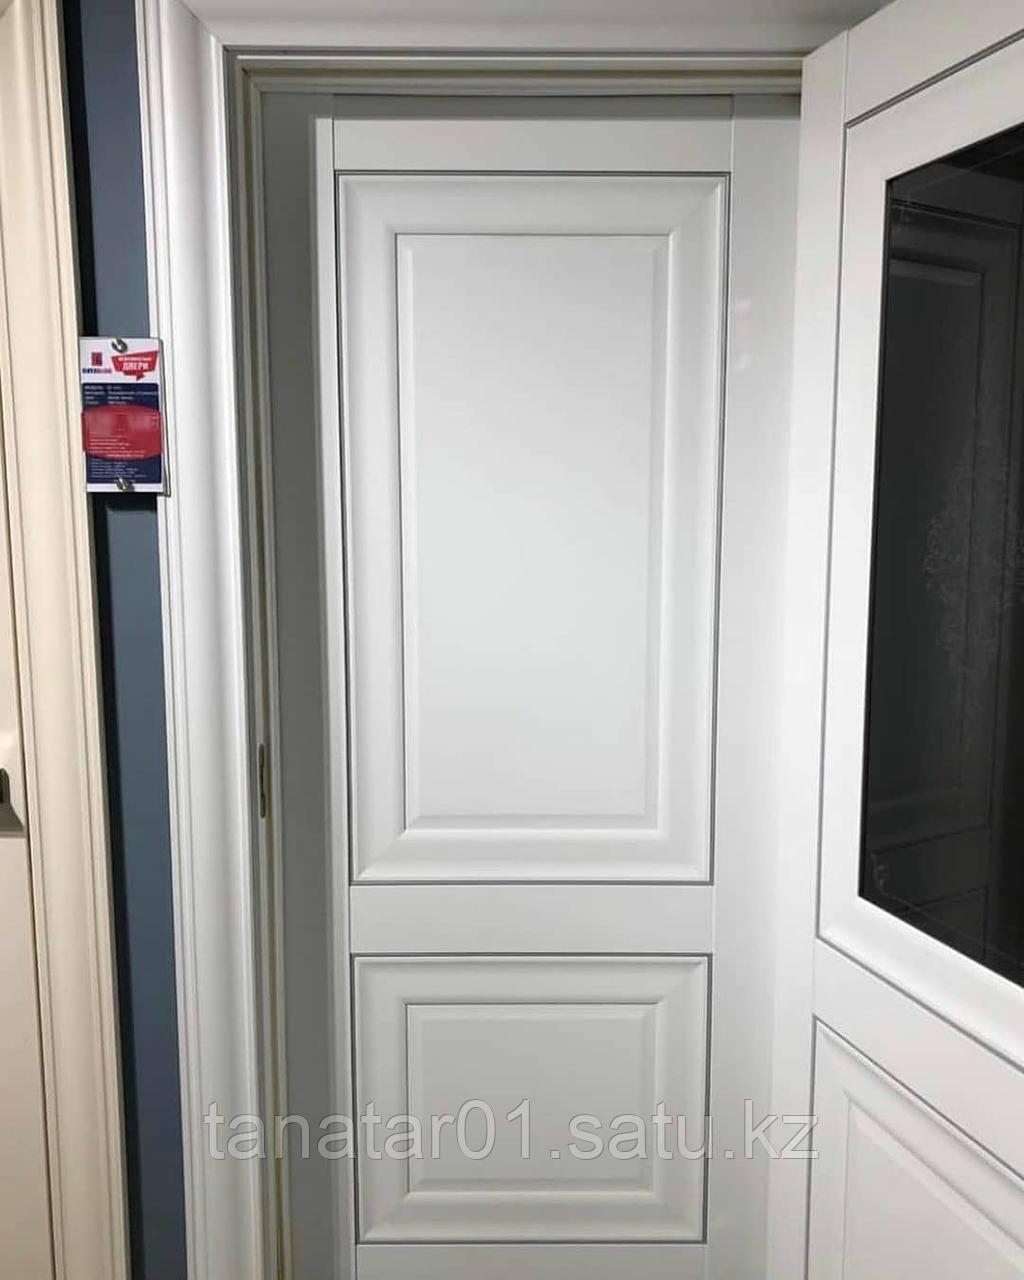 Дверь DL310 Глухая, цвет Белая эмаль